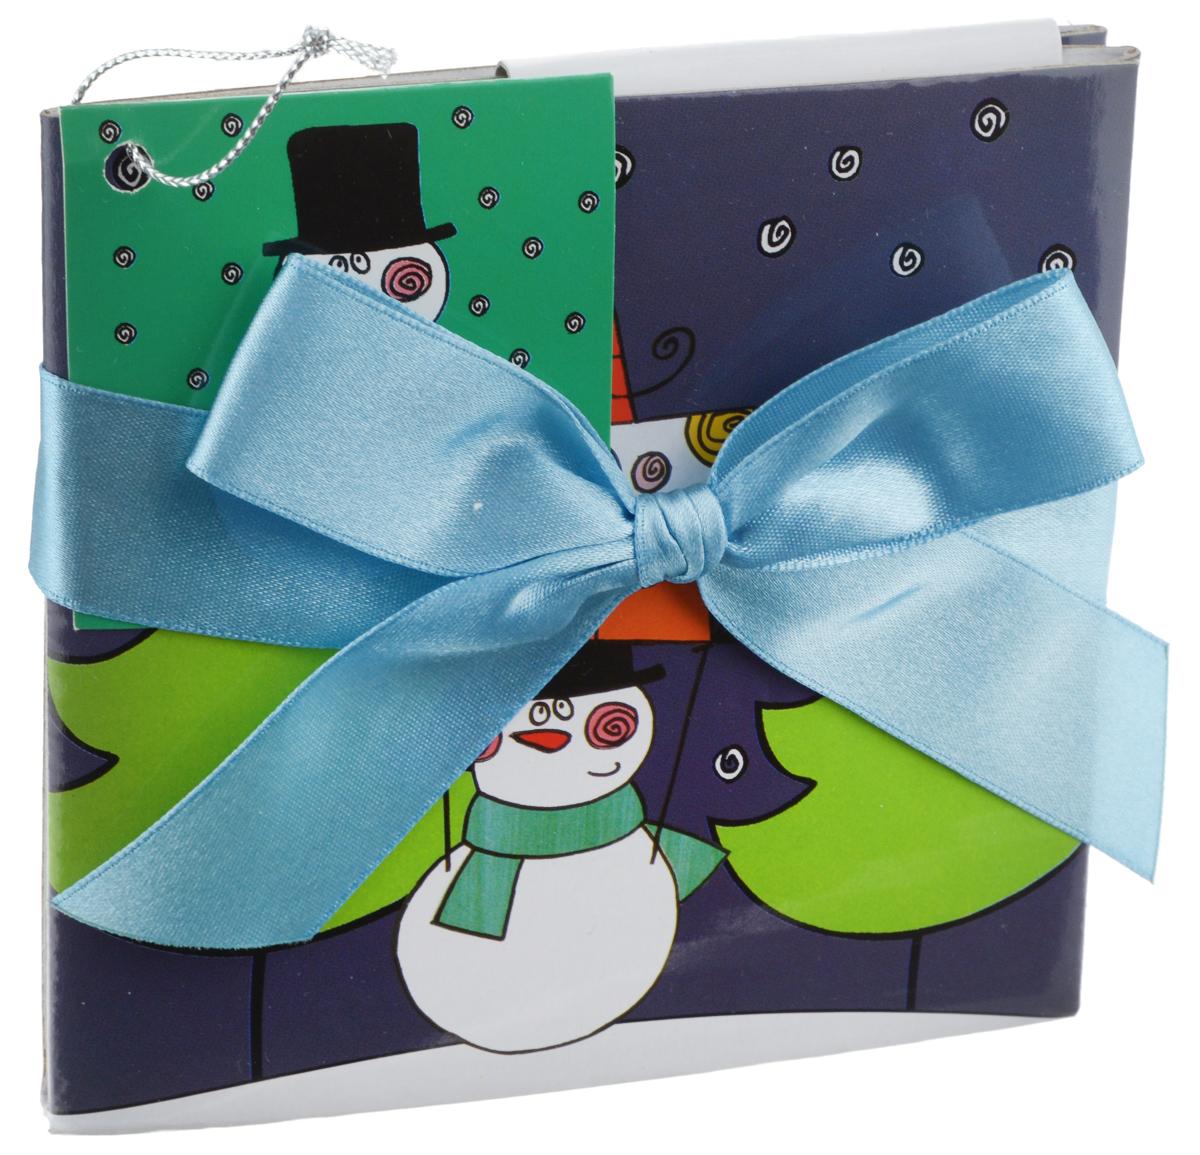 Коробка подарочная Winter Wings, 12 х 12 х 12 смRSP-202SПодарочная коробка Winter Wings выполнена из картона. Крышка оформлена изображением снеговиков.Подарочная коробка - это наилучшее решение, если вы хотите порадовать ваших близких и создать праздничное настроение, ведь подарок, преподнесенный в оригинальной упаковке, всегда будет самым эффектным и запоминающимся. Окружите близких людей вниманием и заботой, вручив презент в нарядном, праздничном оформлении.Размеры: 12 х 12 х 12 см.